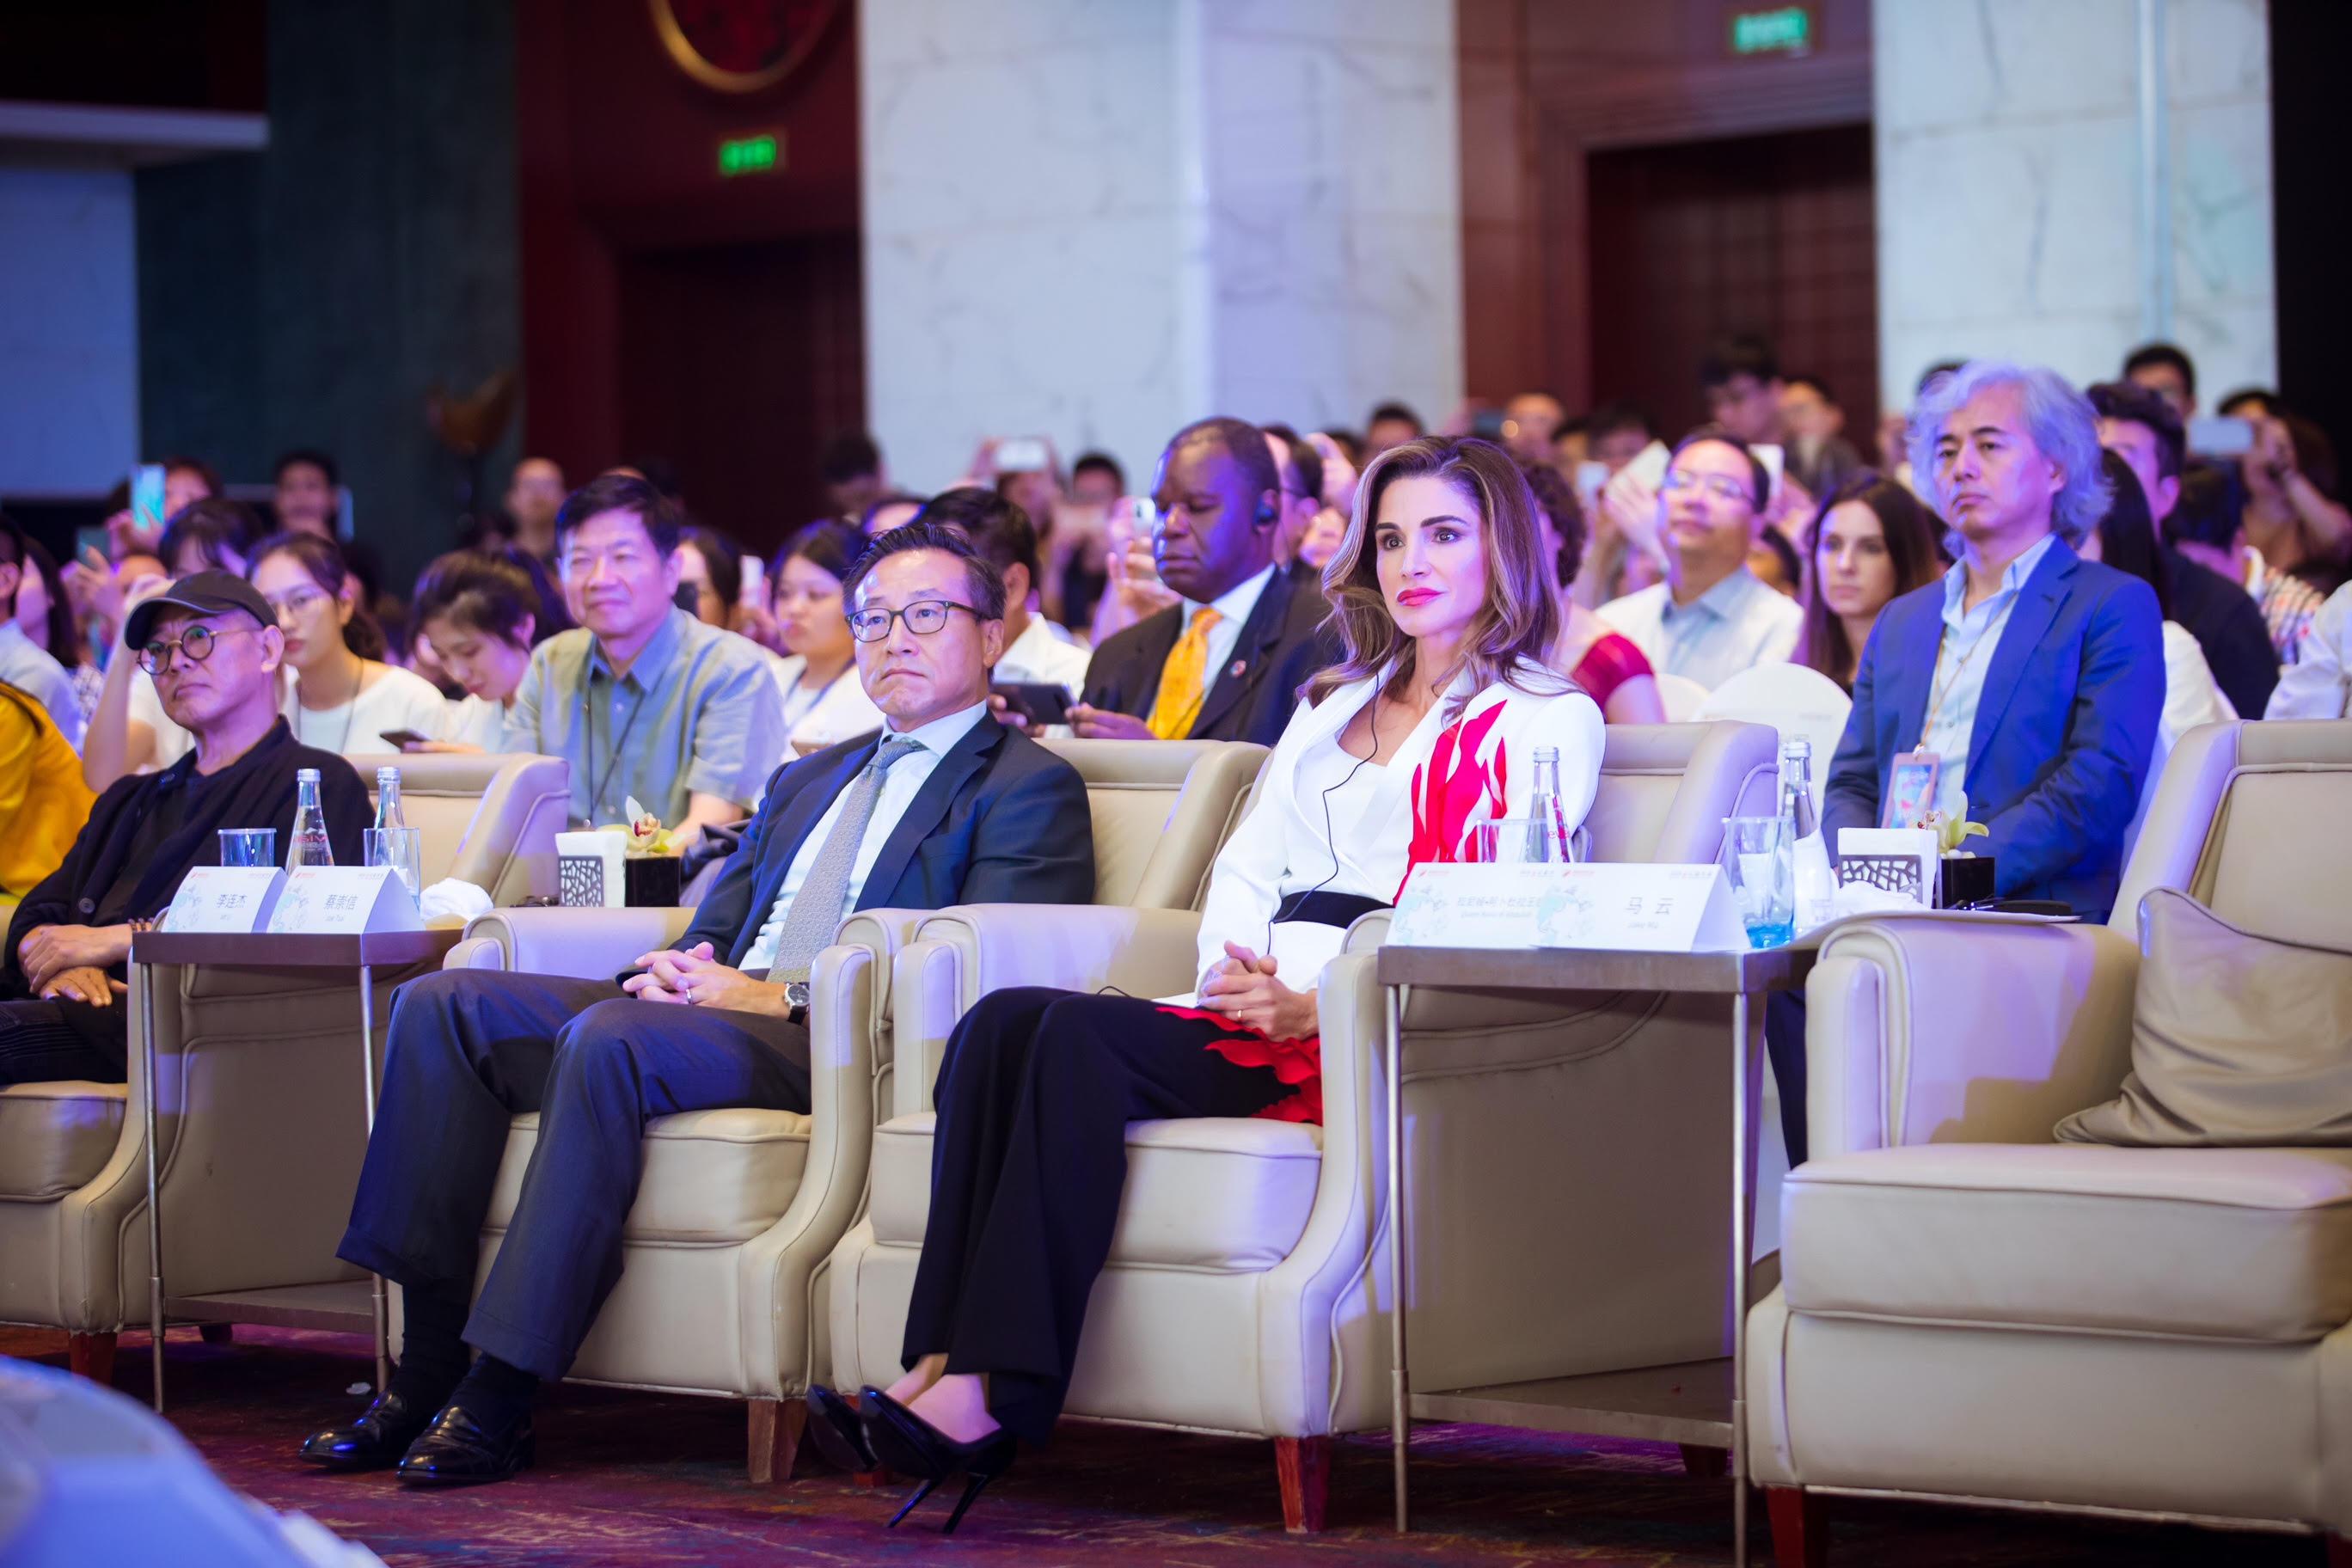 الملكة رانيا تشارك بمؤتمر العطاء في الصين